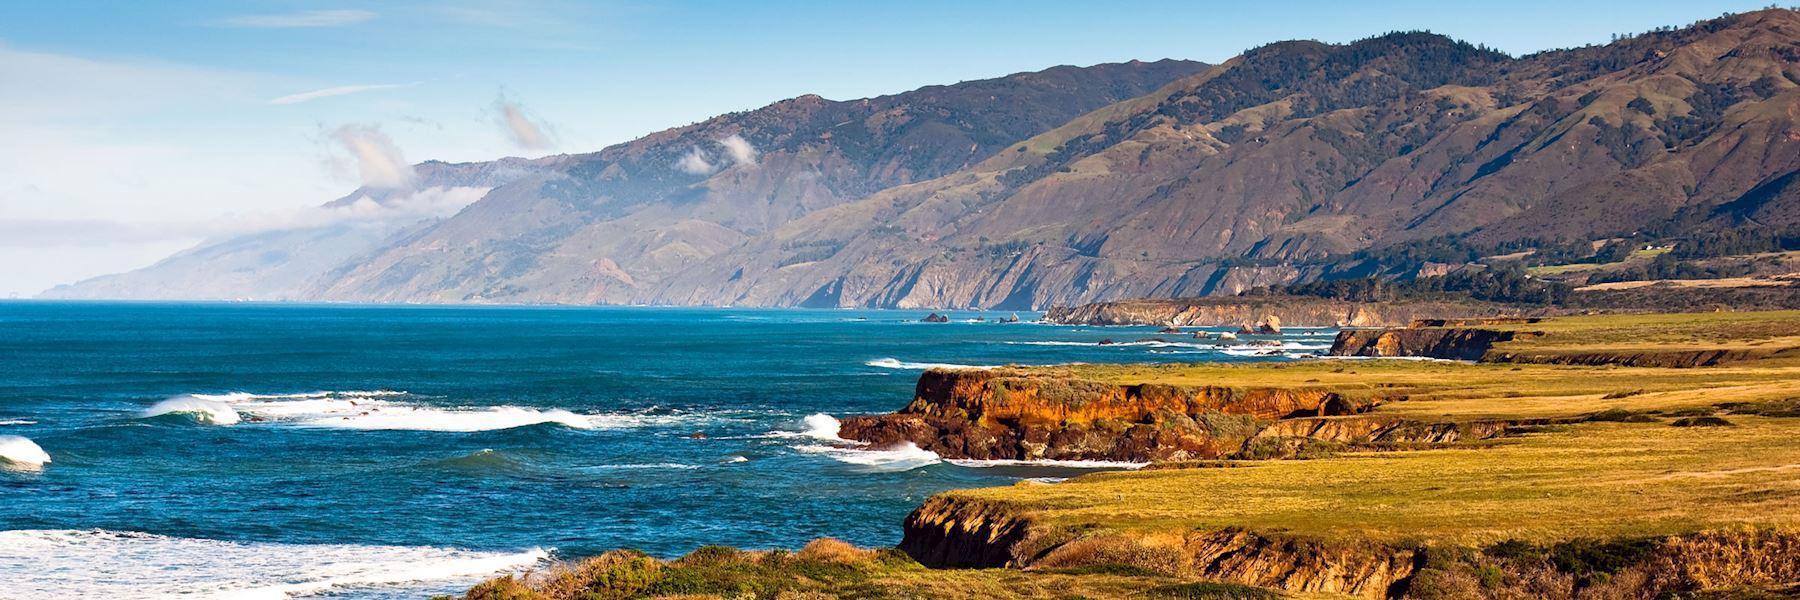 California trip ideas